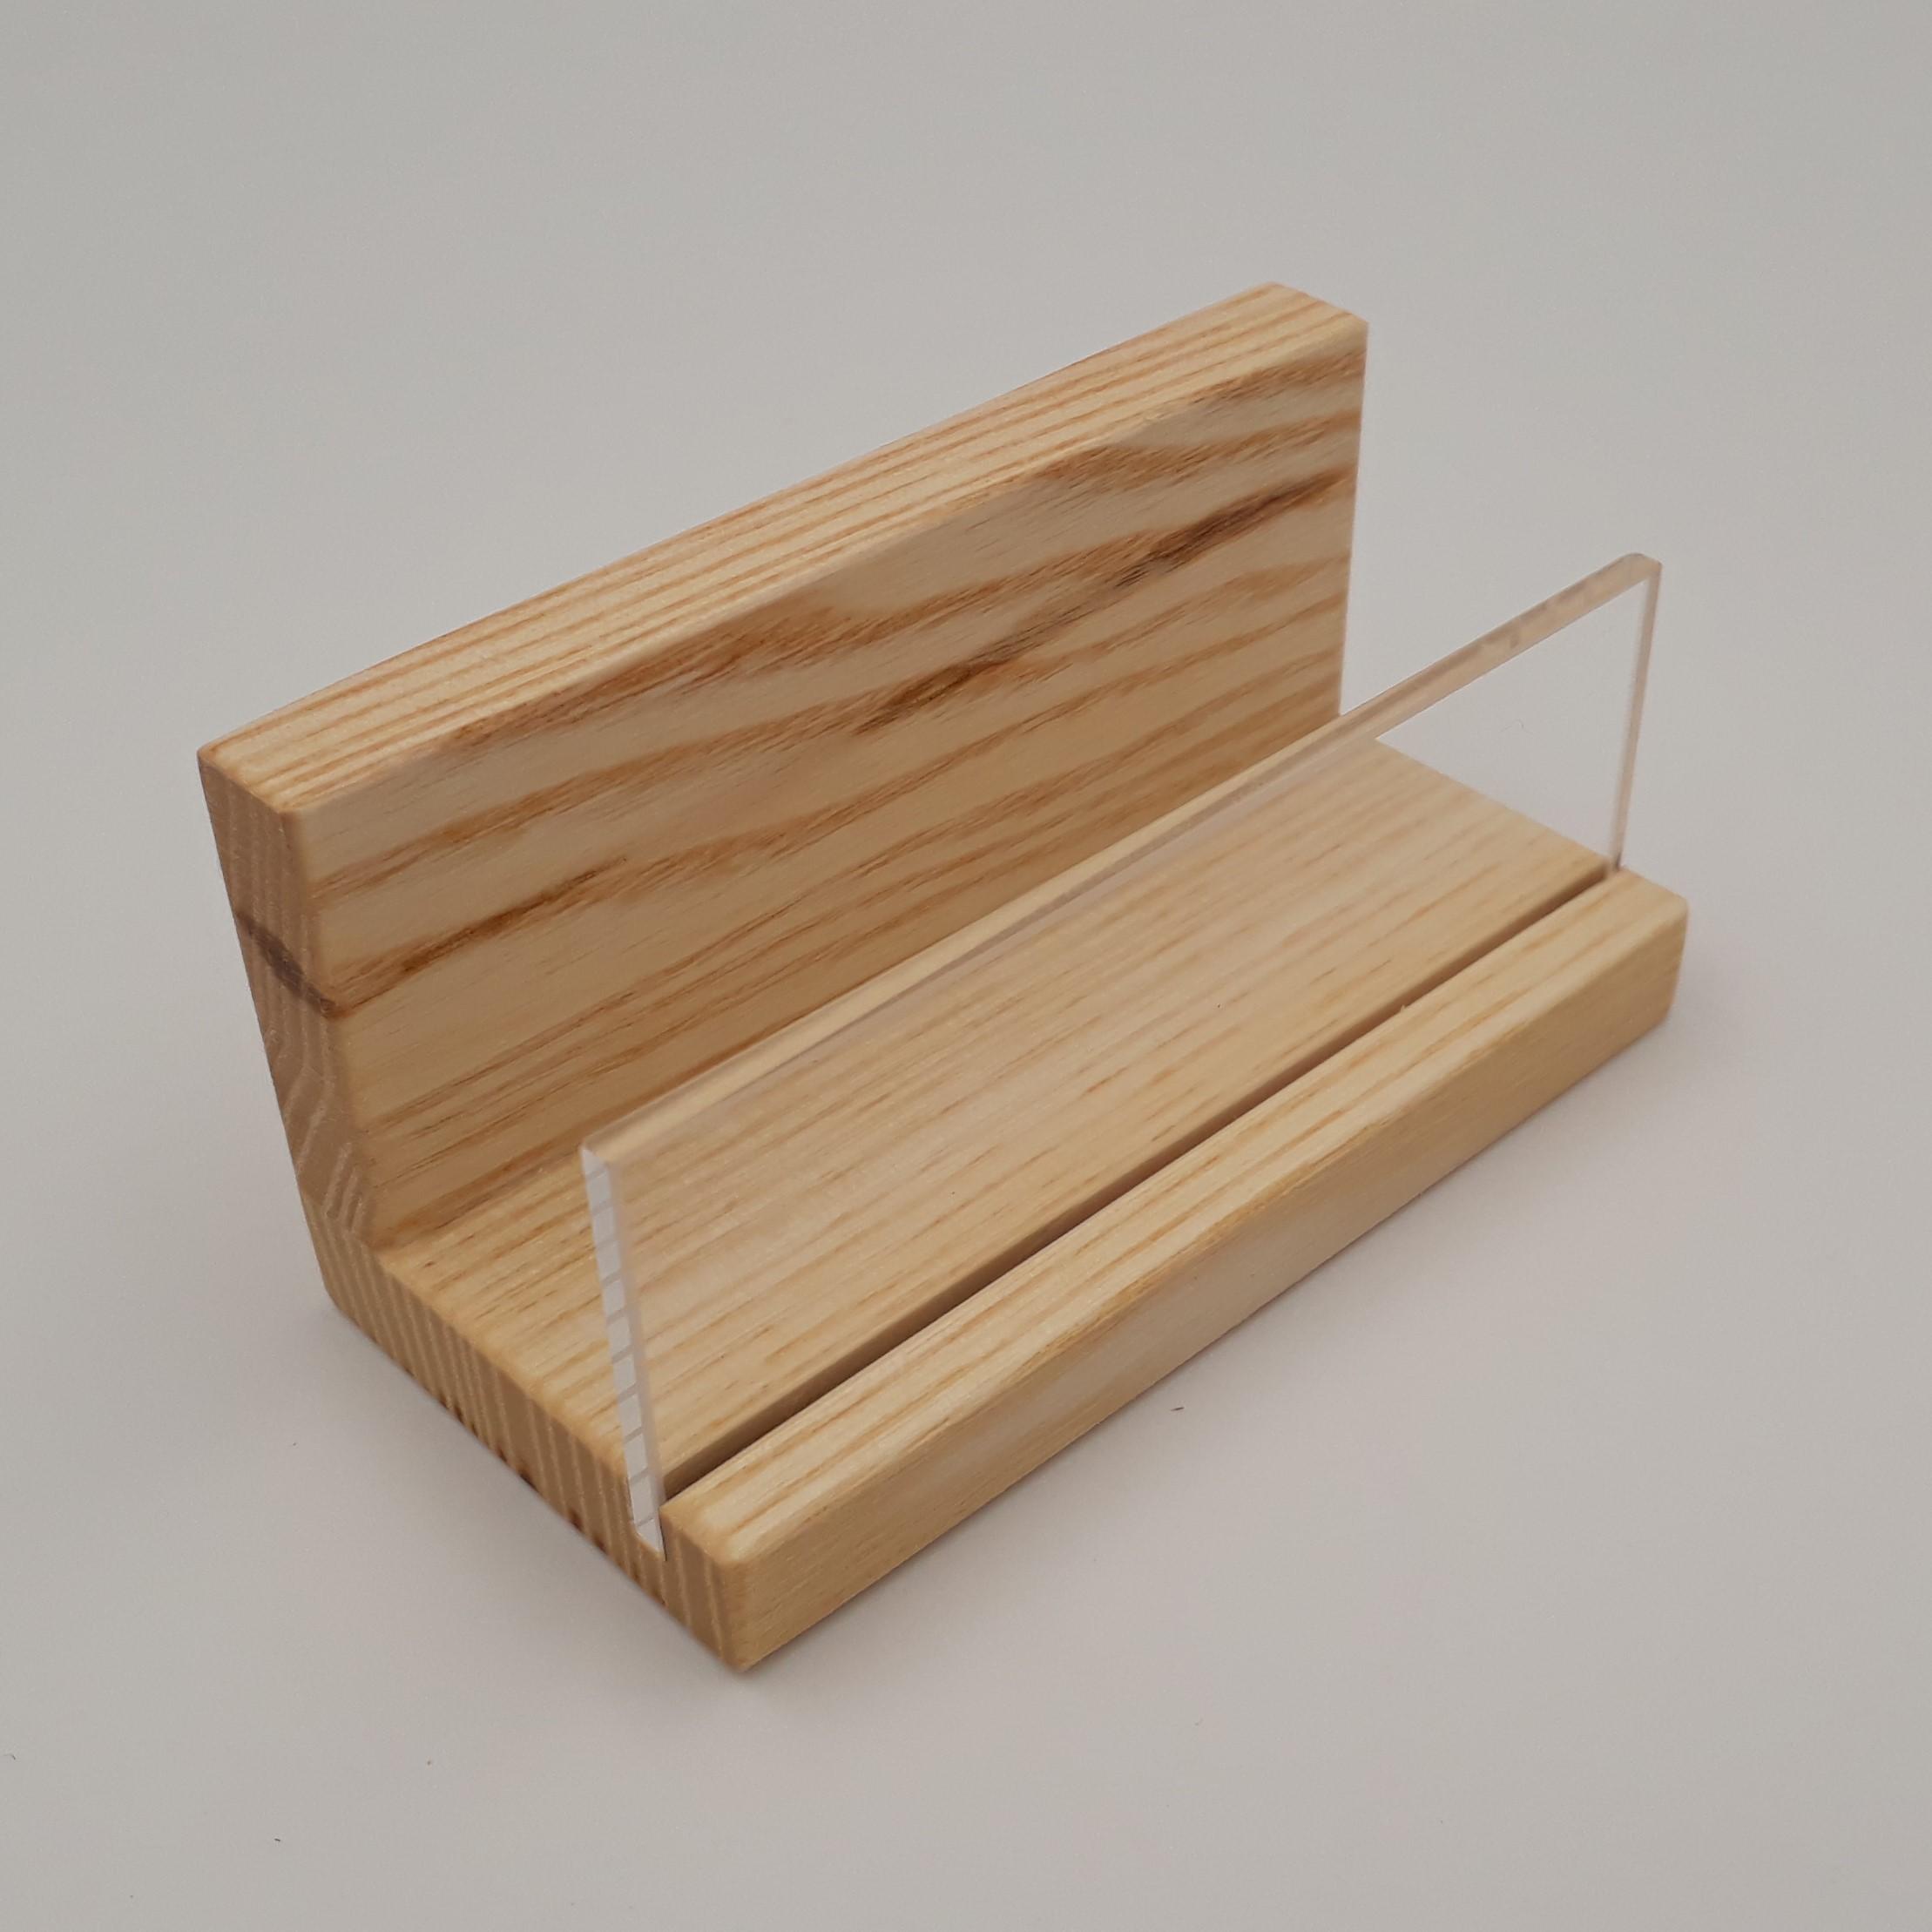 Visitenkartenhalter Eschenholz Mit Acrylglasscheibe 9 Cm